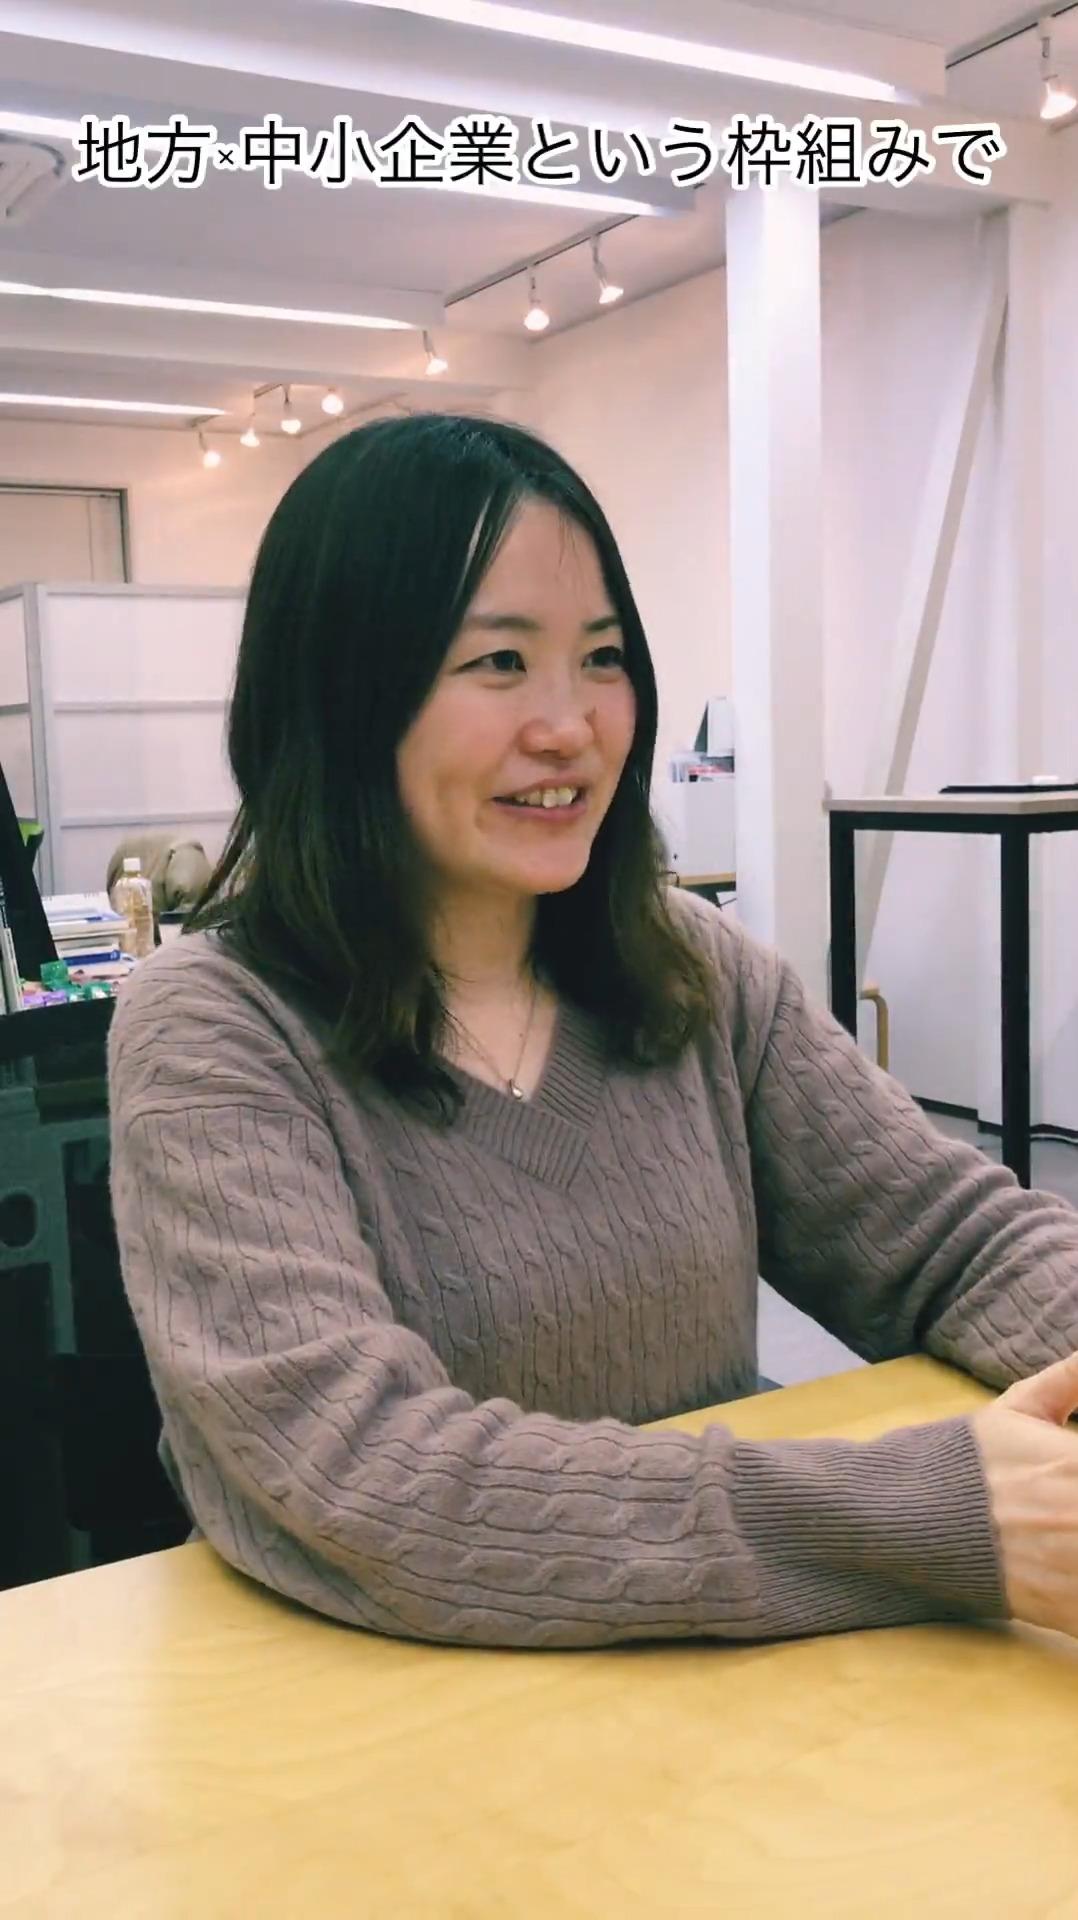 中小企業を支援するグローカルの事業内容について事業部長が語る【採用動画】